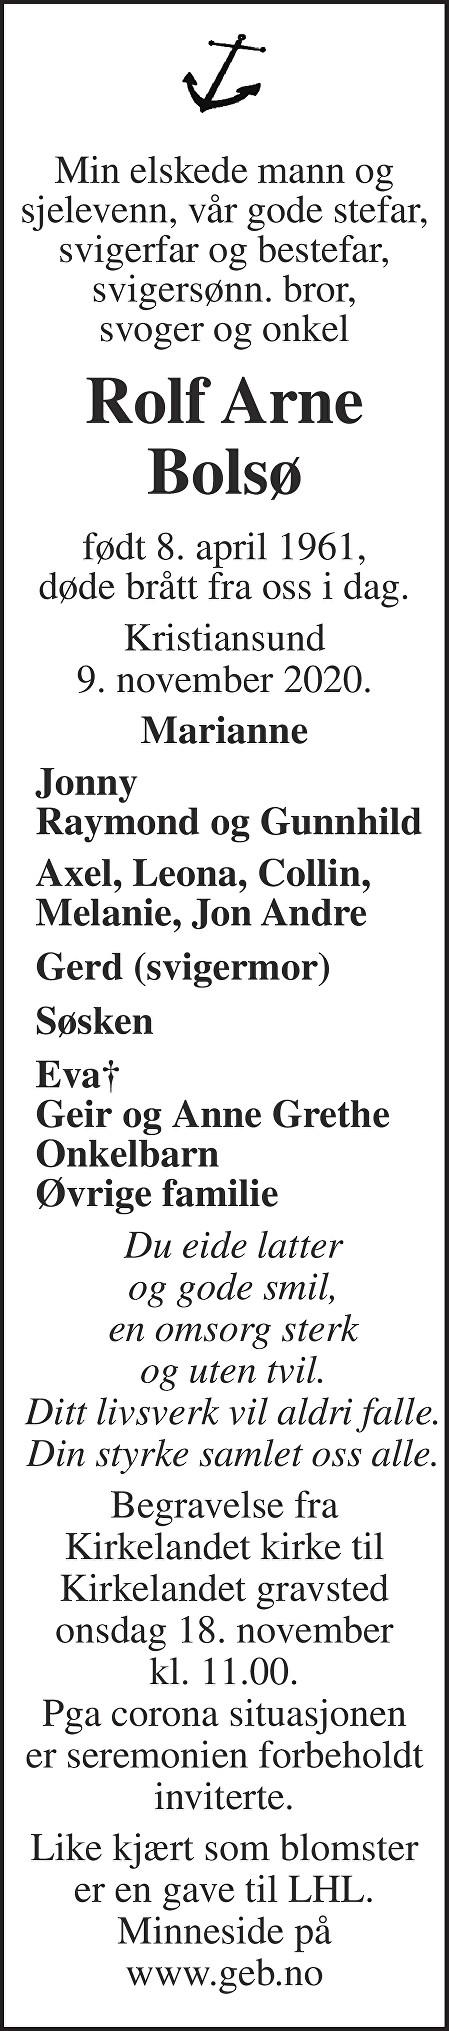 Rolf Arne Bolsø Dødsannonse